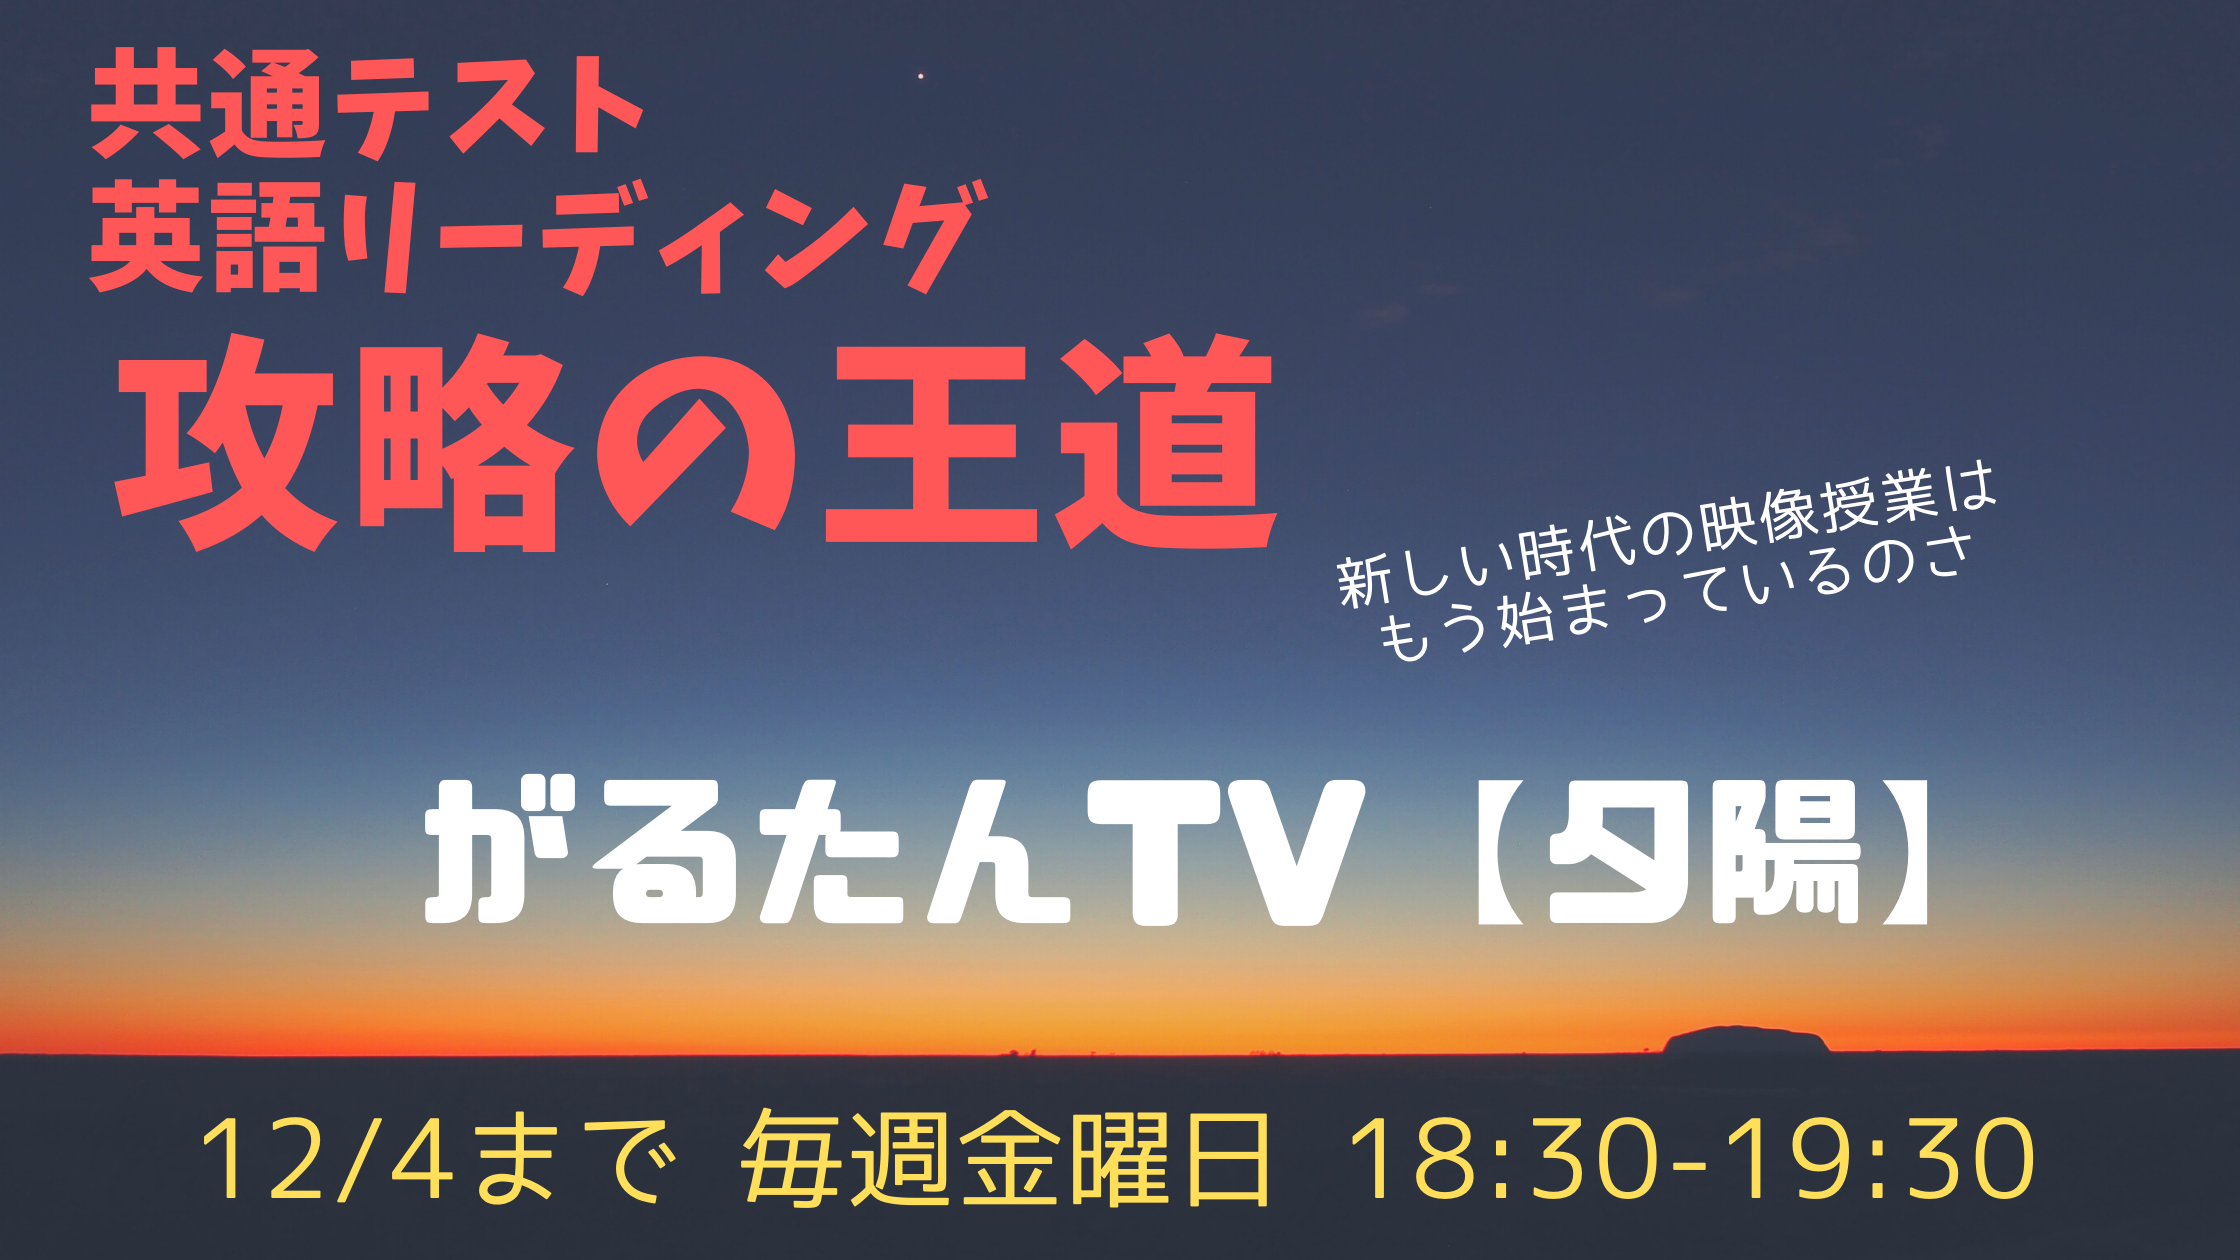 がるたんTV【夕陽-sunset-】『共通テスト英語リーディング(攻略の王道)』全8回分チケット